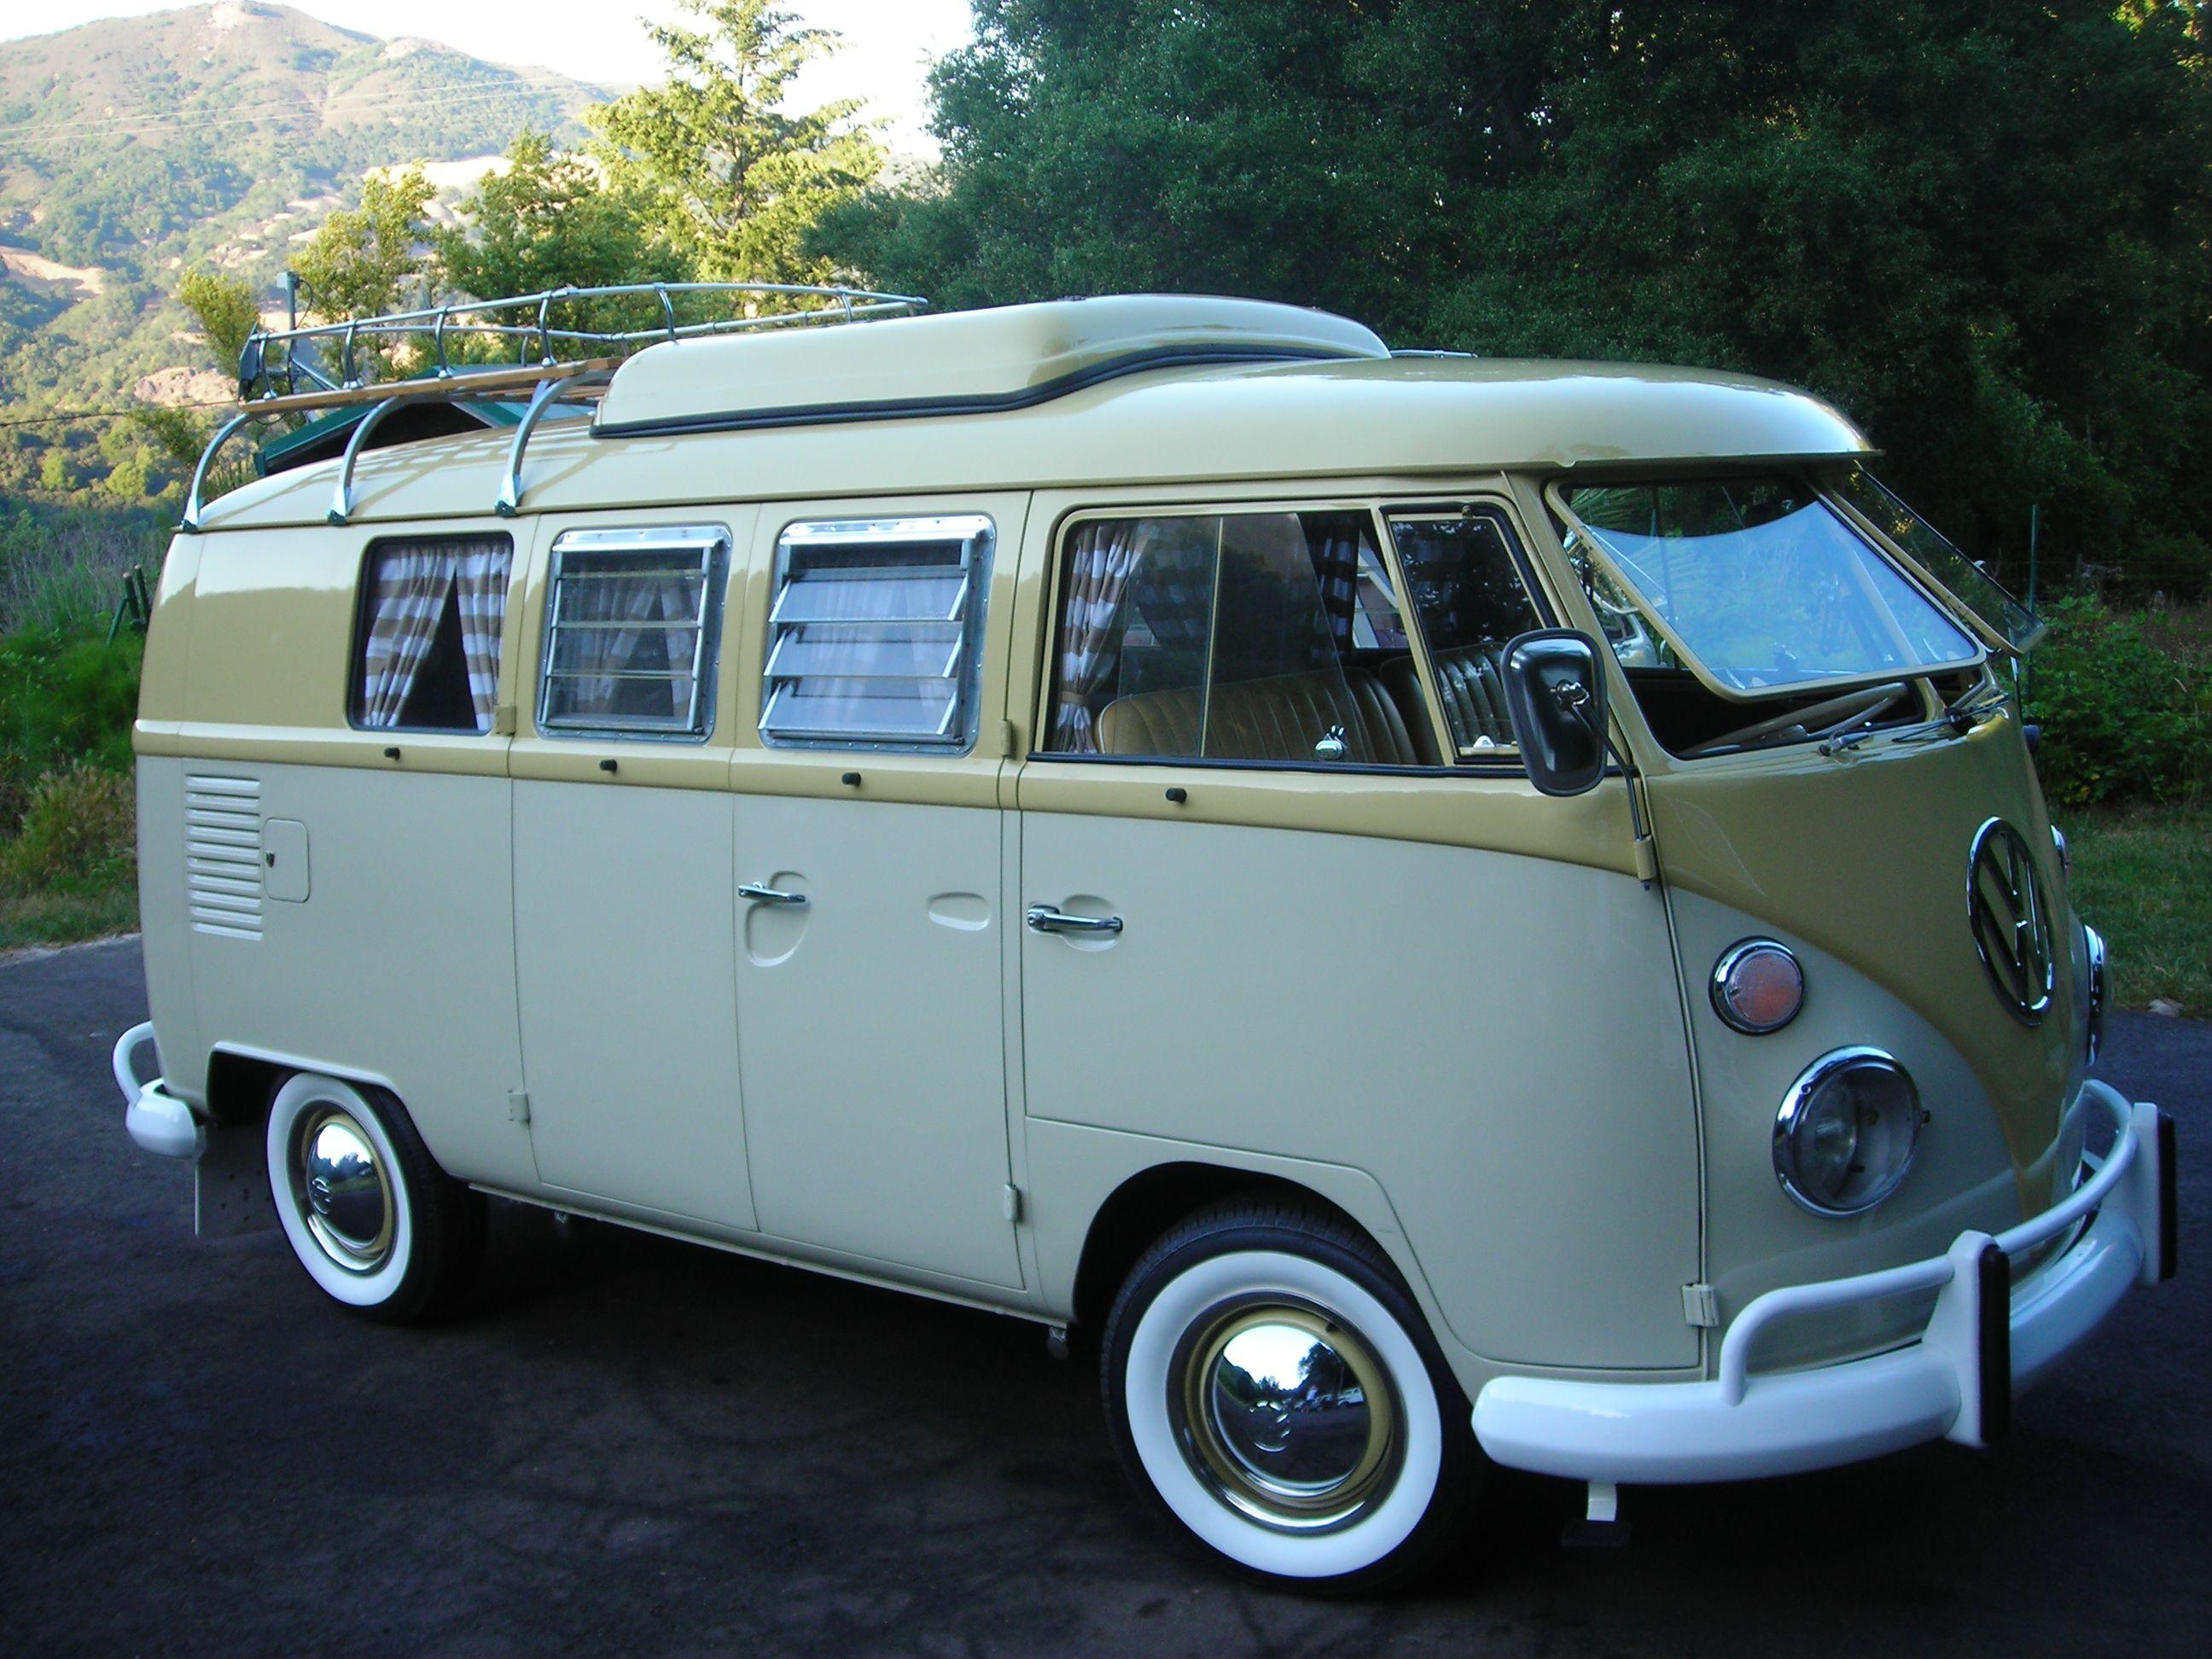 vwbus 1967 vw camper the bamboo bus 1967 vw camper. Black Bedroom Furniture Sets. Home Design Ideas